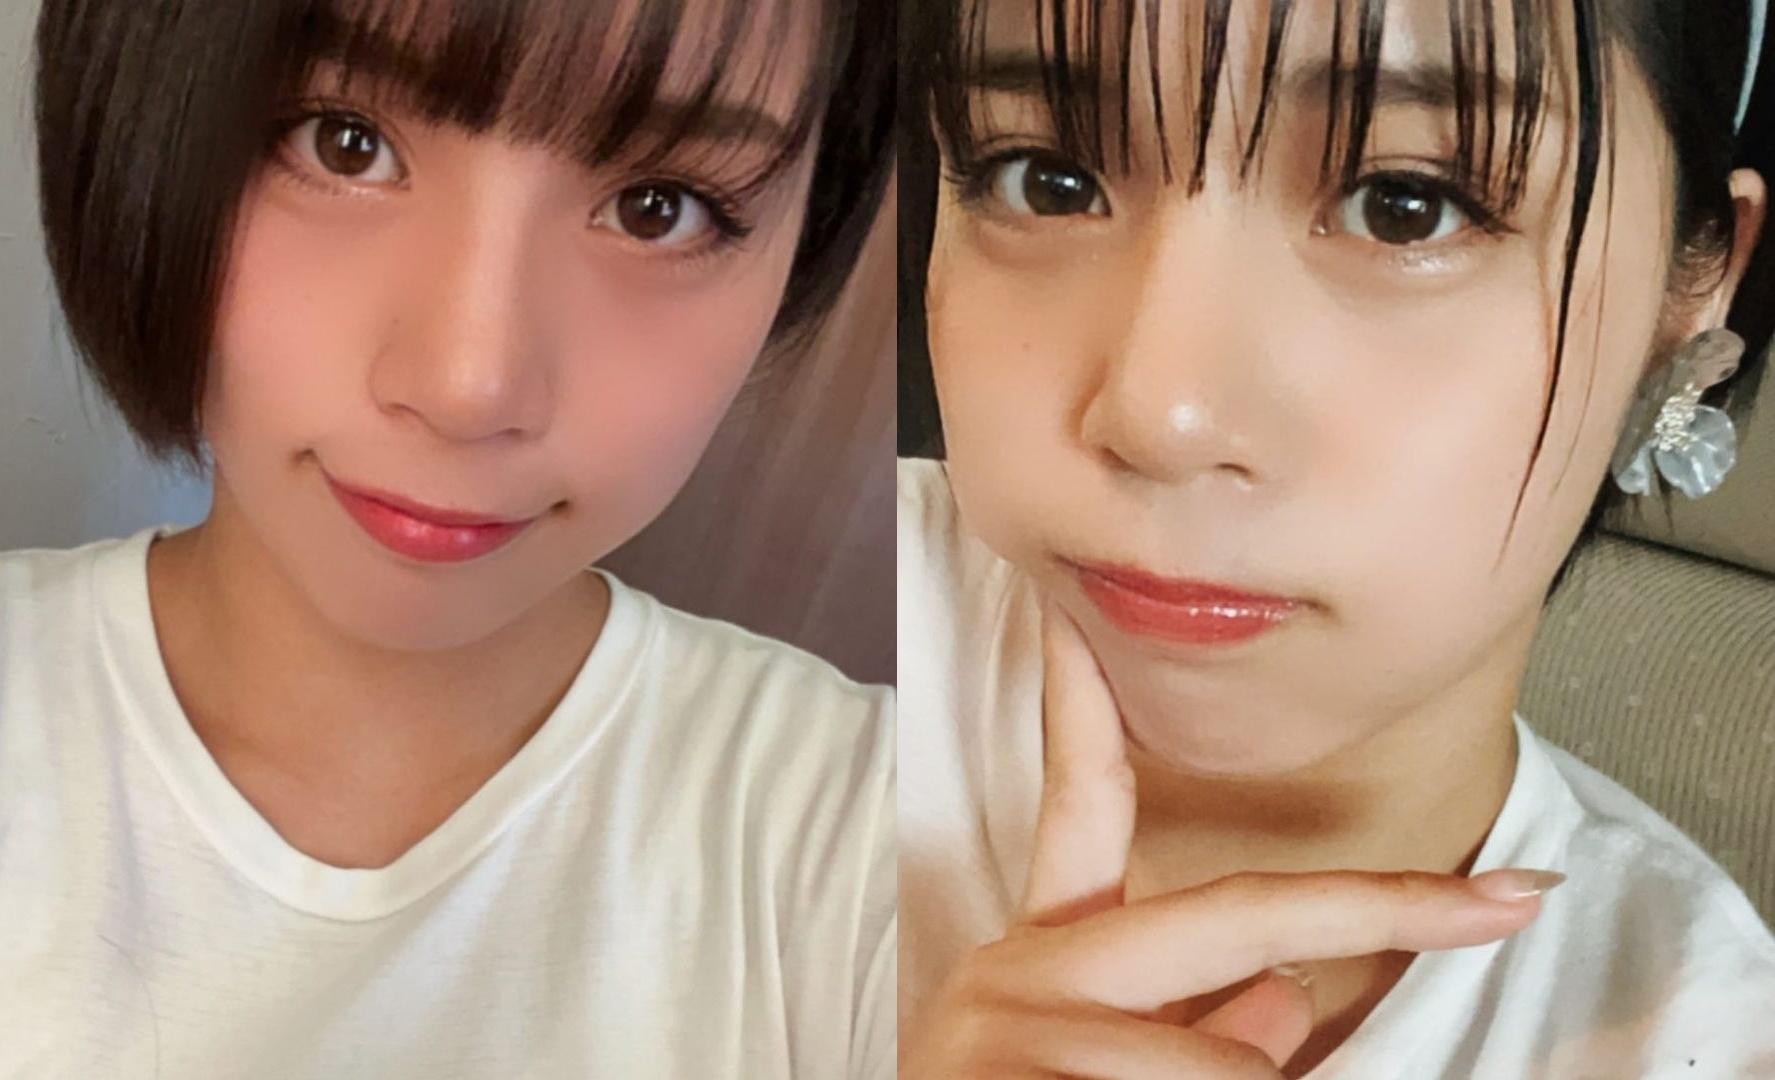 选美比赛冠军 短发高中妹山冈雅弥16岁青春 深邃卧蚕双眼彷佛随时在放电